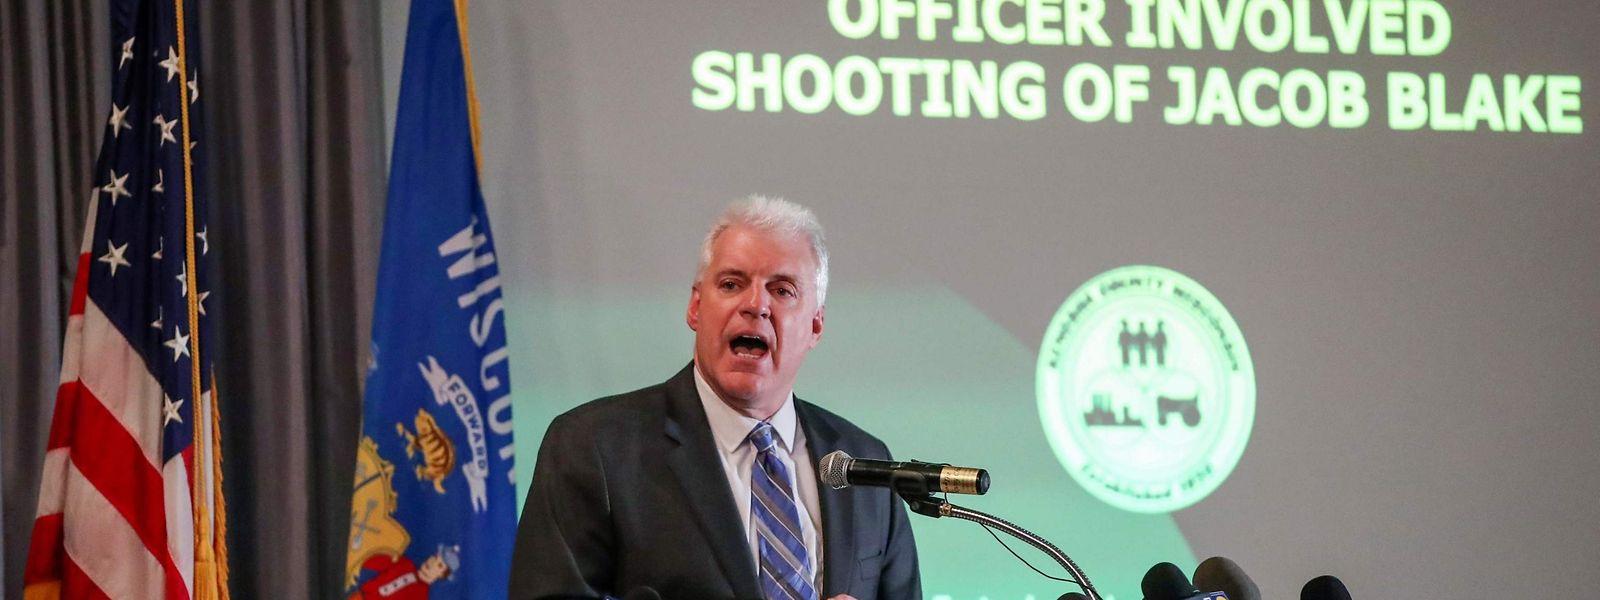 Staatsanwaltschaft Michael Gravely bei der Pressekonferenz am Dienstag.